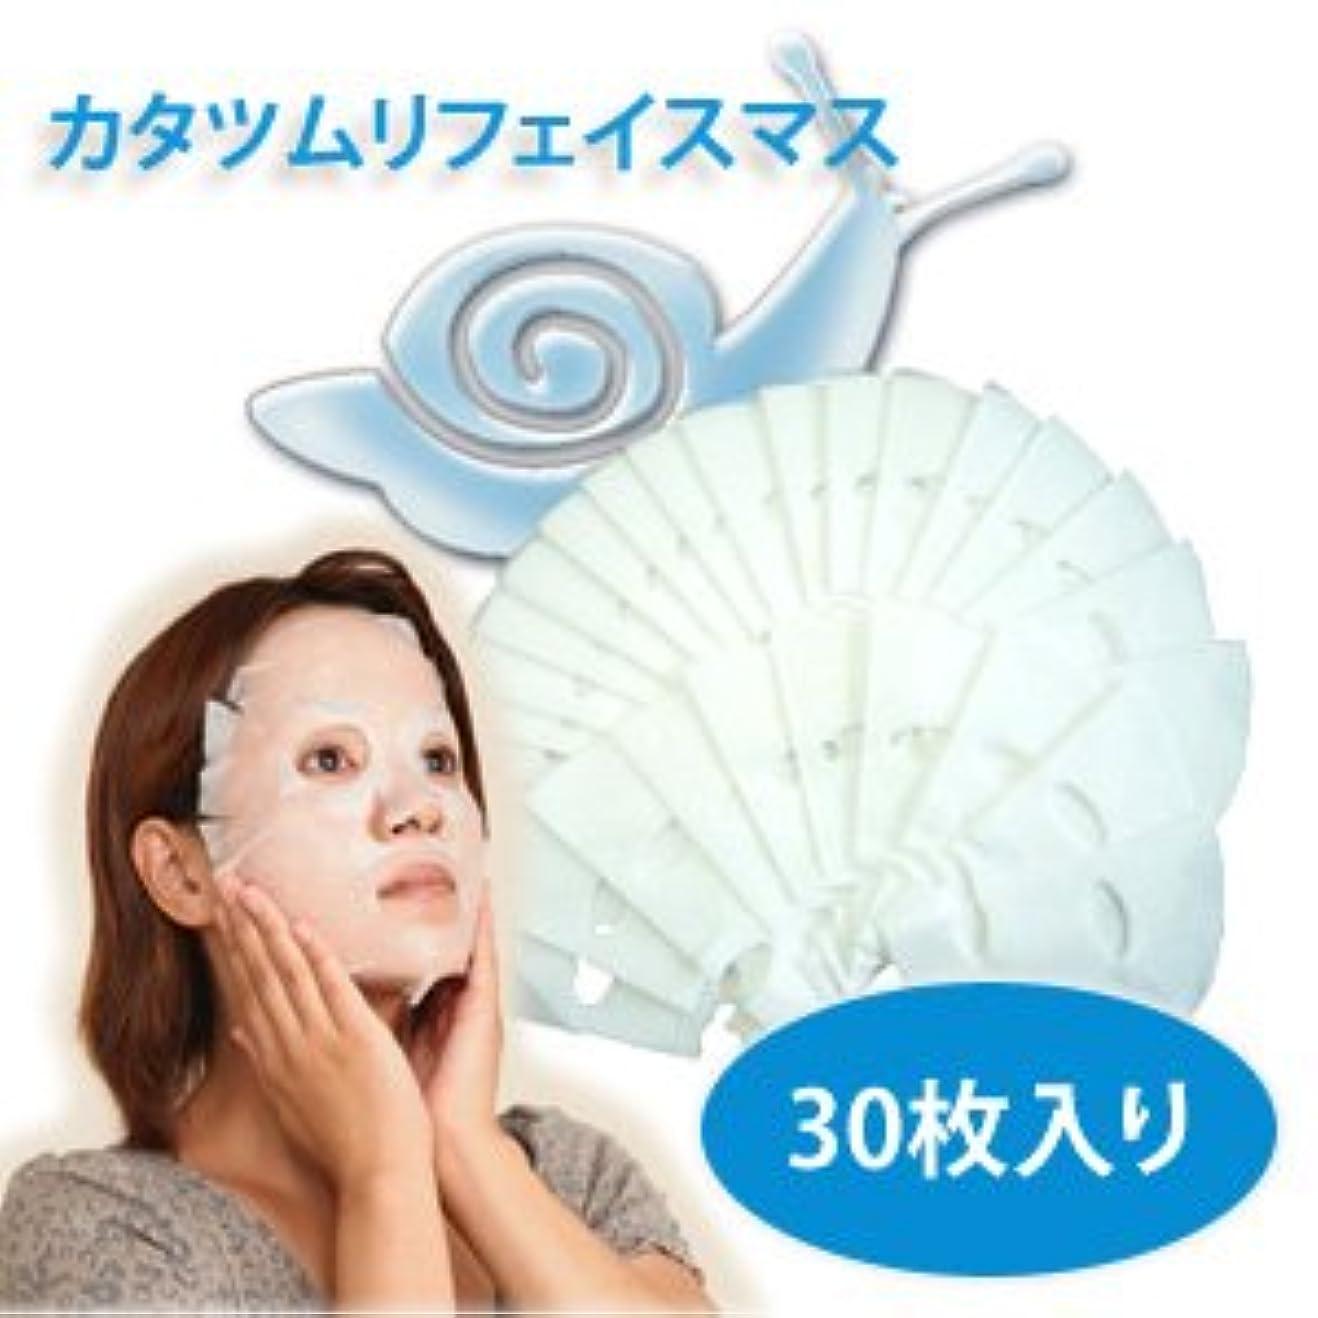 ハンサムくつろぎ教育者【かたつむり粘液配合】カタツムリフェイスマスク 30枚入り